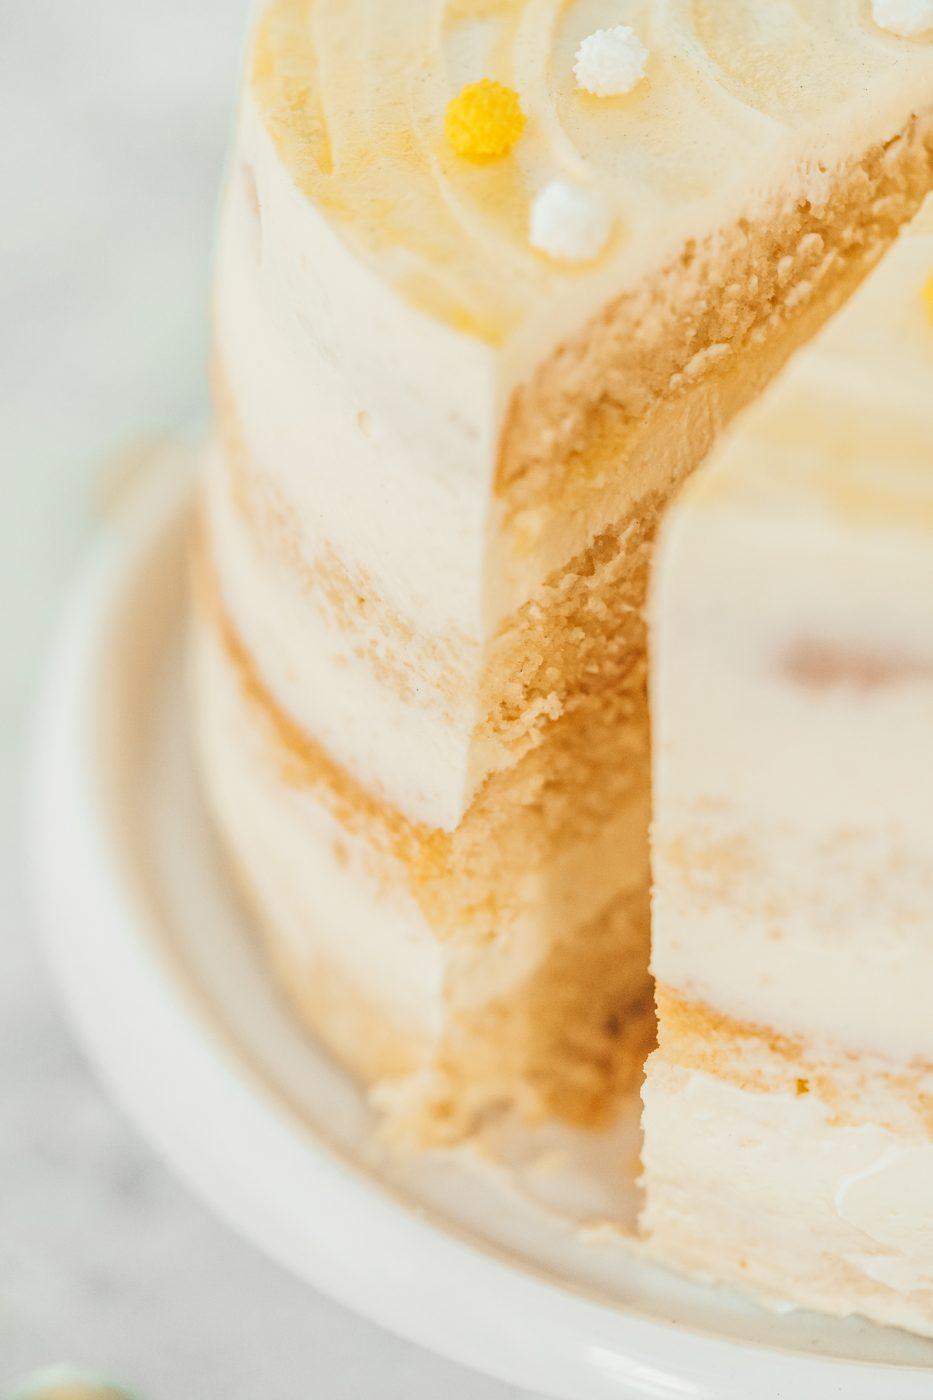 Lemon Mascrapone Torte 150jahre diamant 22 | 150 Jahre ist mal ein ehrenwerter Geburtstag - da hat die Oma Lore noch 55 Jahre vor sich. So oder so gehört zu einem Geburtstag eine Torte, oder? Wir hatten Lust auf eine herrlich frische Torte, die euch ein wenig Sommer-Feeling zurückbringt. Denn genau danach schmeckt diese Lemon-Mascarpone-Torte! Diamant Zucker hat zum großen Backen für ihren Geburtstag aufgerufen und da sind wir natürlich gerne mit dabei.